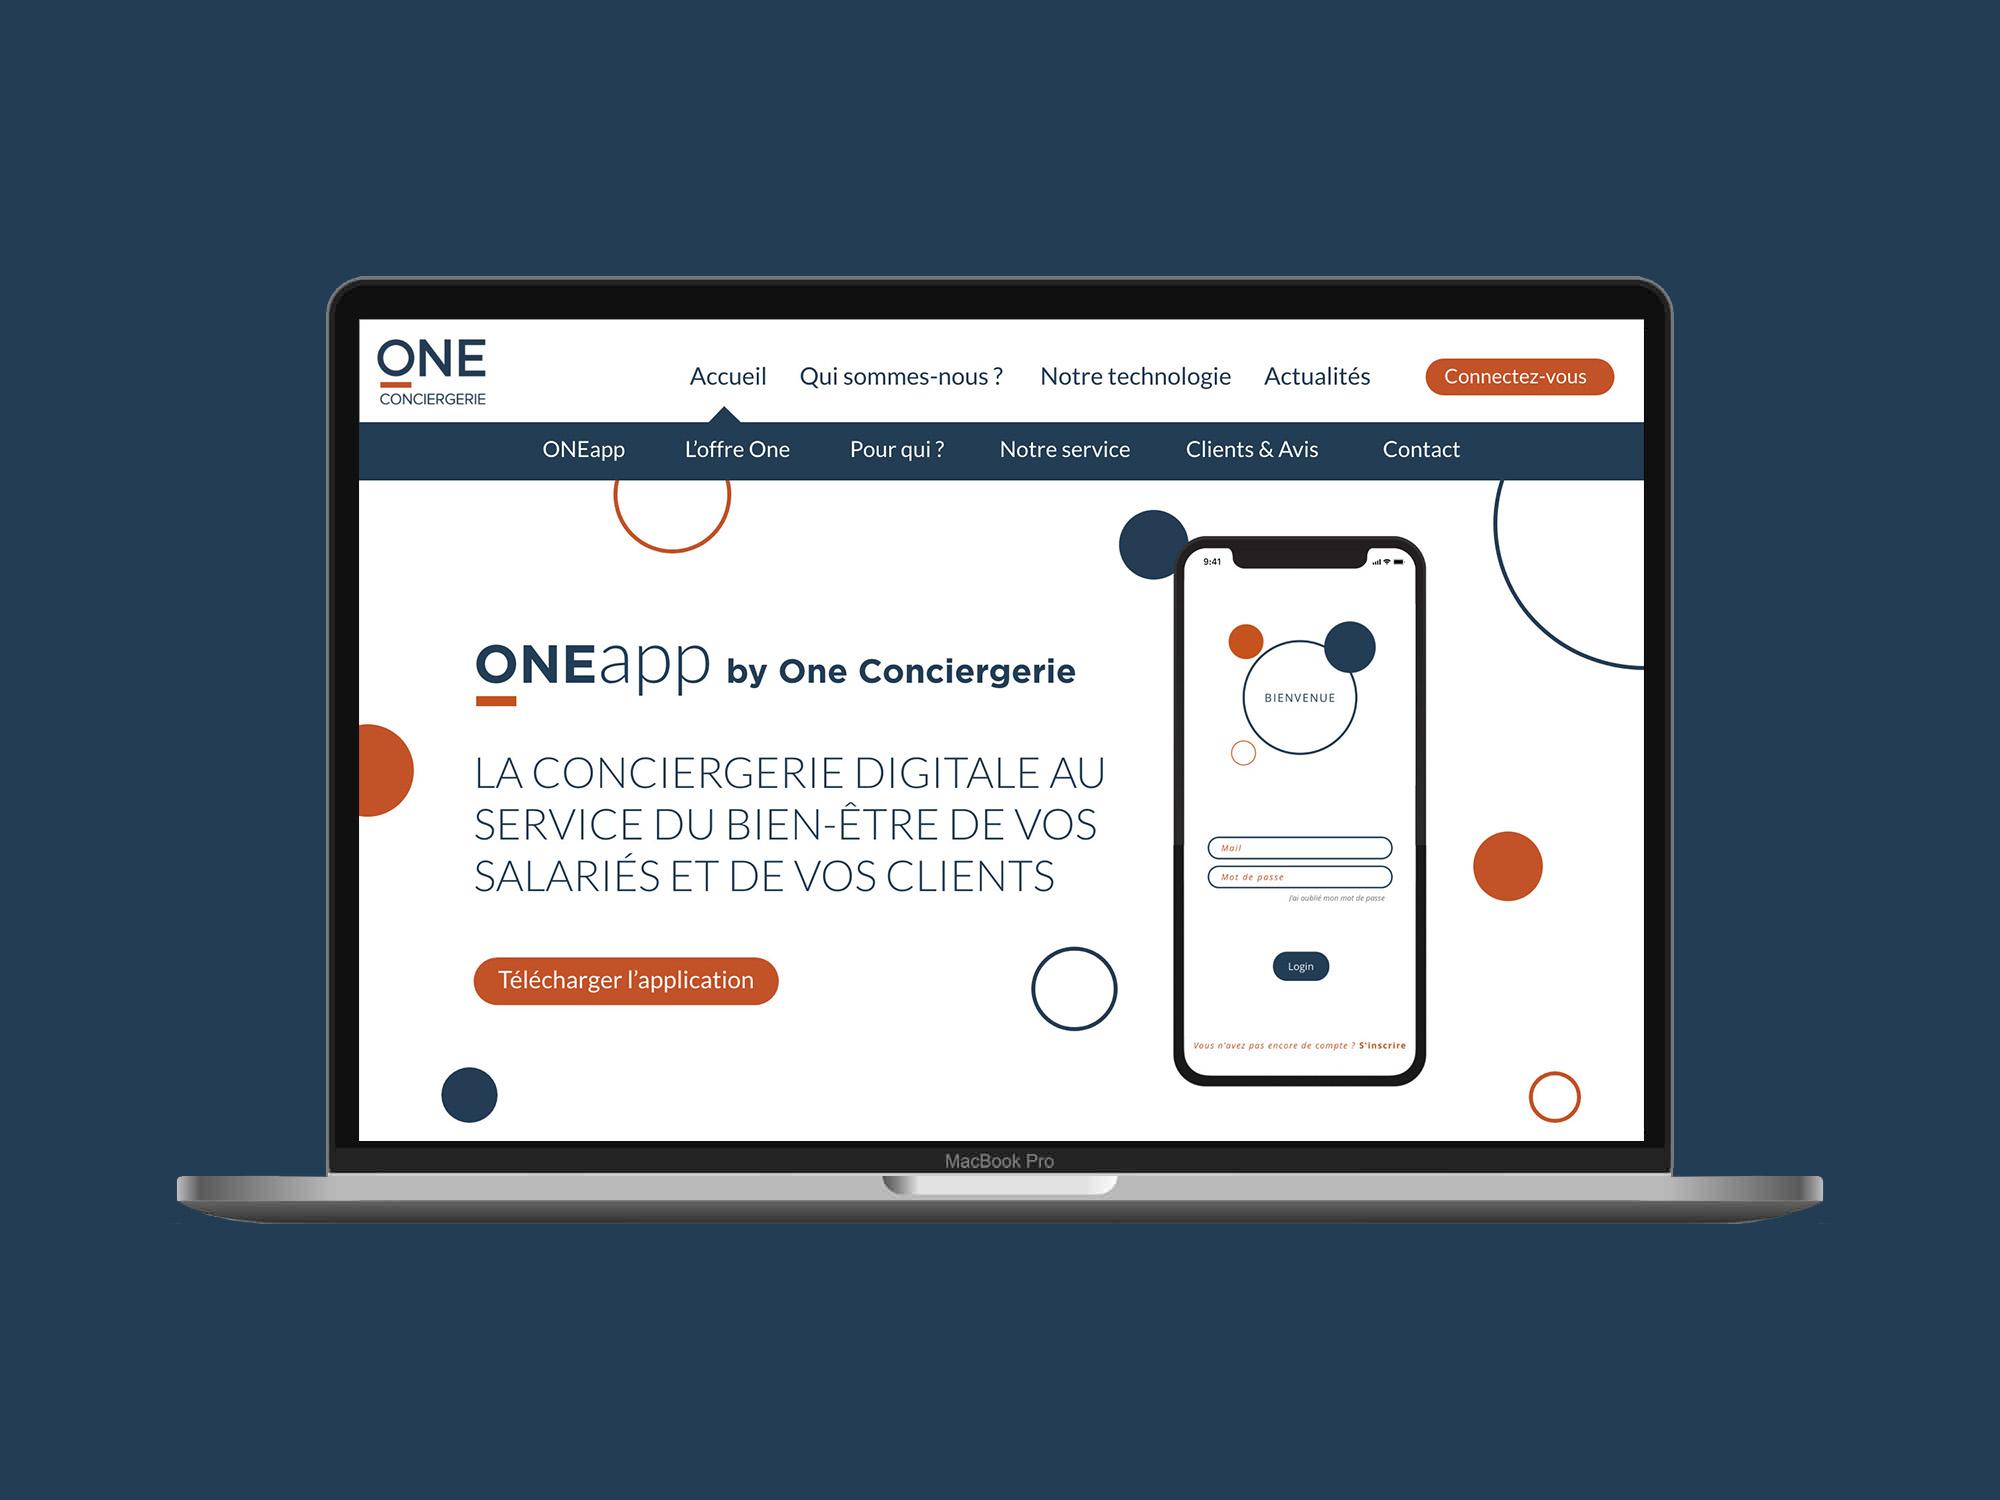 Nouveau site web de One Conciergerie